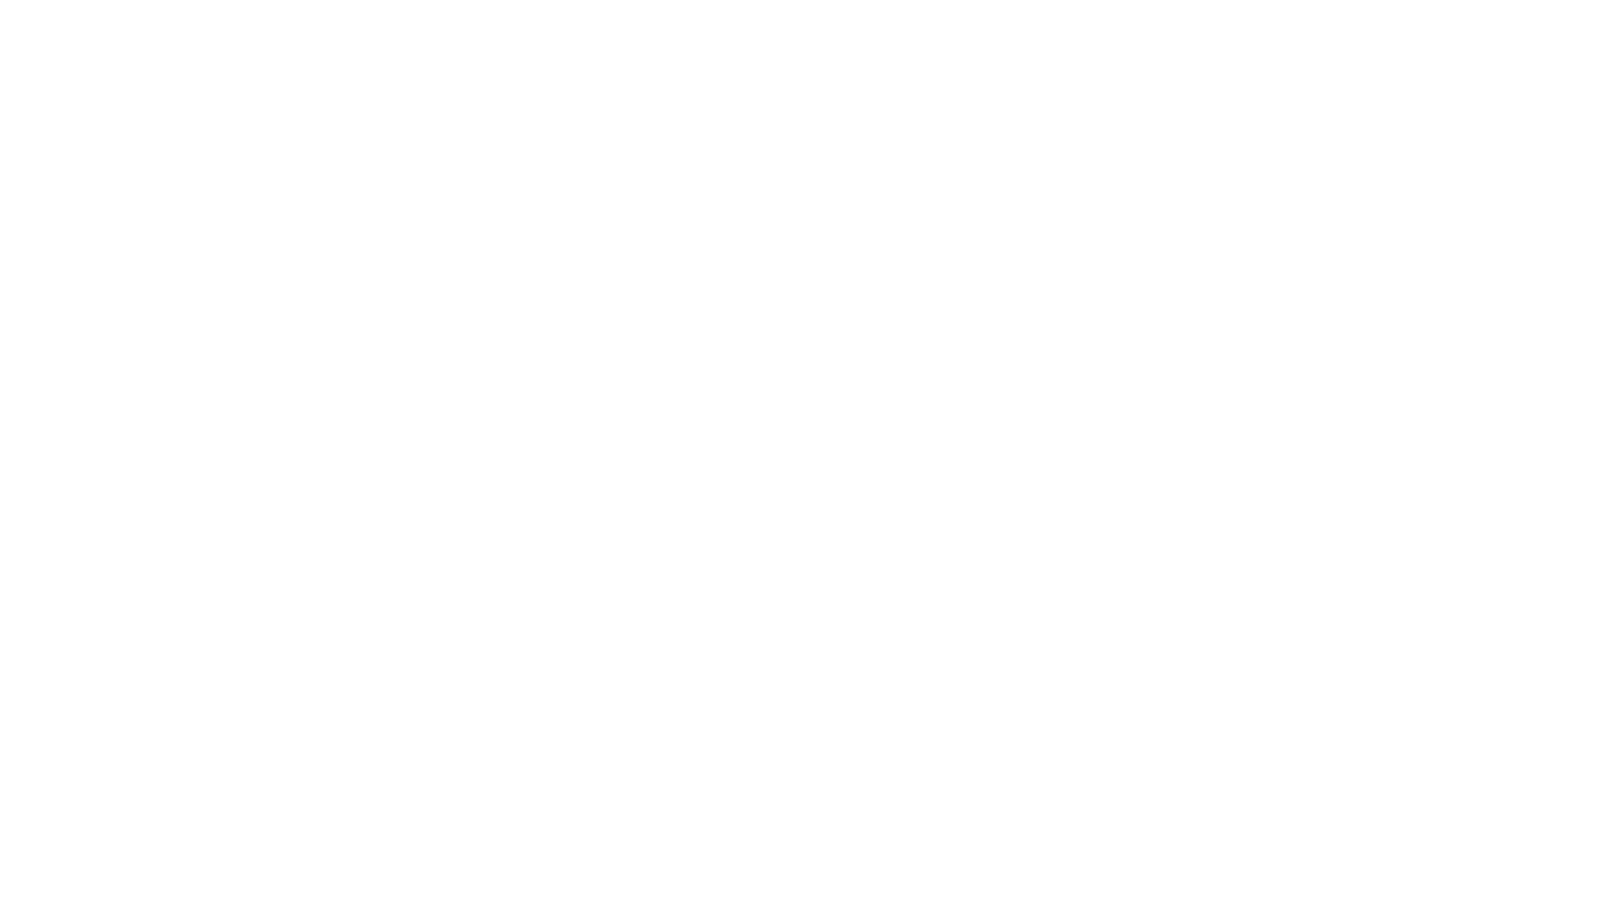 北海道士別市朝日町「岩尾内湖白樺キャンプ場」へ行ってきました。  BUNDOKソロティピー1TCを張りましたが、あらためてロースタイルが合いますね。   今回のキャンプ飯は、ピザを生地から作ってみました。  ※ソロティピー1TCに使った「設営ガイド」についてはこちらから、 →https://kazu-photo.hpcevo.com/2020/10/13/bundok-solo-tippy-1tc-setup-guide/  ※キャンプ場の「岩尾内湖白樺キャンプ場」についてはこちらから、 →https://kazu-photo.hpcevo.com/2021/08/28/shibetsu-iwaonai-bundok-1tc/  ※実際にピザ焼きに使用したグリルについてはこちらから、 →https://kazu-photo.hpcevo.com/2021/09/05/wahei-freiz-ra-9505-grill/  ===================================================== 【使用しているテントなど】  ・バンドック ソロティピー1TC →https://kazu-photo.hpcevo.com/2020/08/30/%e6%b5%81%e8%a1%8c%e3%82%8a%e3%81%ae%e3%83%af%e3%83%b3%e3%83%9d%e3%83%bc%e3%83%ab%e3%83%86%e3%83%b3%e3%83%88%ef%bc%81bundok%e3%83%90%e3%83%b3%e3%83%89%e3%83%83%e3%82%af-%e3%82%bd%e3%83%ad-%e3%83%86/ ・バンドック焚火リフレクター →https://kazu-photo.hpcevo.com/2021/05/12/bundok-fire-reflector/ ・ポールの二股化 →https://kazu-photo.hpcevo.com/2020/09/10/bundok%e3%83%90%e3%83%b3%e3%83%89%e3%83%83%e3%82%af-%e3%82%bd%e3%83%ad-%e3%83%86%e3%82%a3%e3%83%94%e3%83%bc-1tc%e3%80%8cbdk-75tc%e3%80%8d%e3%81%ae%e3%82%ab%e3%82%b9%e3%82%bf%e3%83%9e%e3%82%a4-3/ ・Helinox(ヘリノックス)グラウンドチェア →https://kazu-photo.hpcevo.com/2021/08/24/helinox-groundchair/ ・レイルロードランタン →https://kazu-photo.hpcevo.com/2021/05/08/barebones-railroad-lamp/  =====================================================  【動画、静止画撮影に使用している機材】 ・アクションカメラ:GoPro HERO8 Black ・ミラーレス一眼カメラ:Sony α7ⅲ ・使用しているレンズ(中望遠):SONY FE 24-70mm F2.8 GM ・使用しているレンズ(広角):LAOWA 15mm F2 Zero-D ・使用しているドローン:DJI MINI 2  ===================================================== 【その他】 ブログ「Kazu Photo -道楽-」では、カメラやキャンプの役立つ情報を書いています。 →https://kazu-photo.hpcevo.com  SNSはこちらから😊 Twitter:https://twitter.com/kazu_photo1001 Instagram(キャンプ):https://www.instagram.com/kazu.camp_frontier Instagram(風景):https://www.instagram.com/kazu.photo_0416 LINE:https://lin.ee/hAvzrV2 YAMAP:https://yamap.com/users/2130558  【使用している楽曲】 ・Time To Talk & Avaya Ft. RYVM - Found You [NCS Release] →https://www.youtube.com/watch?v=qw6ylrPd05M&list=PLRBp0Fe2GpglTnOLbhyrHAVaWsCIEX53Y&index=41 